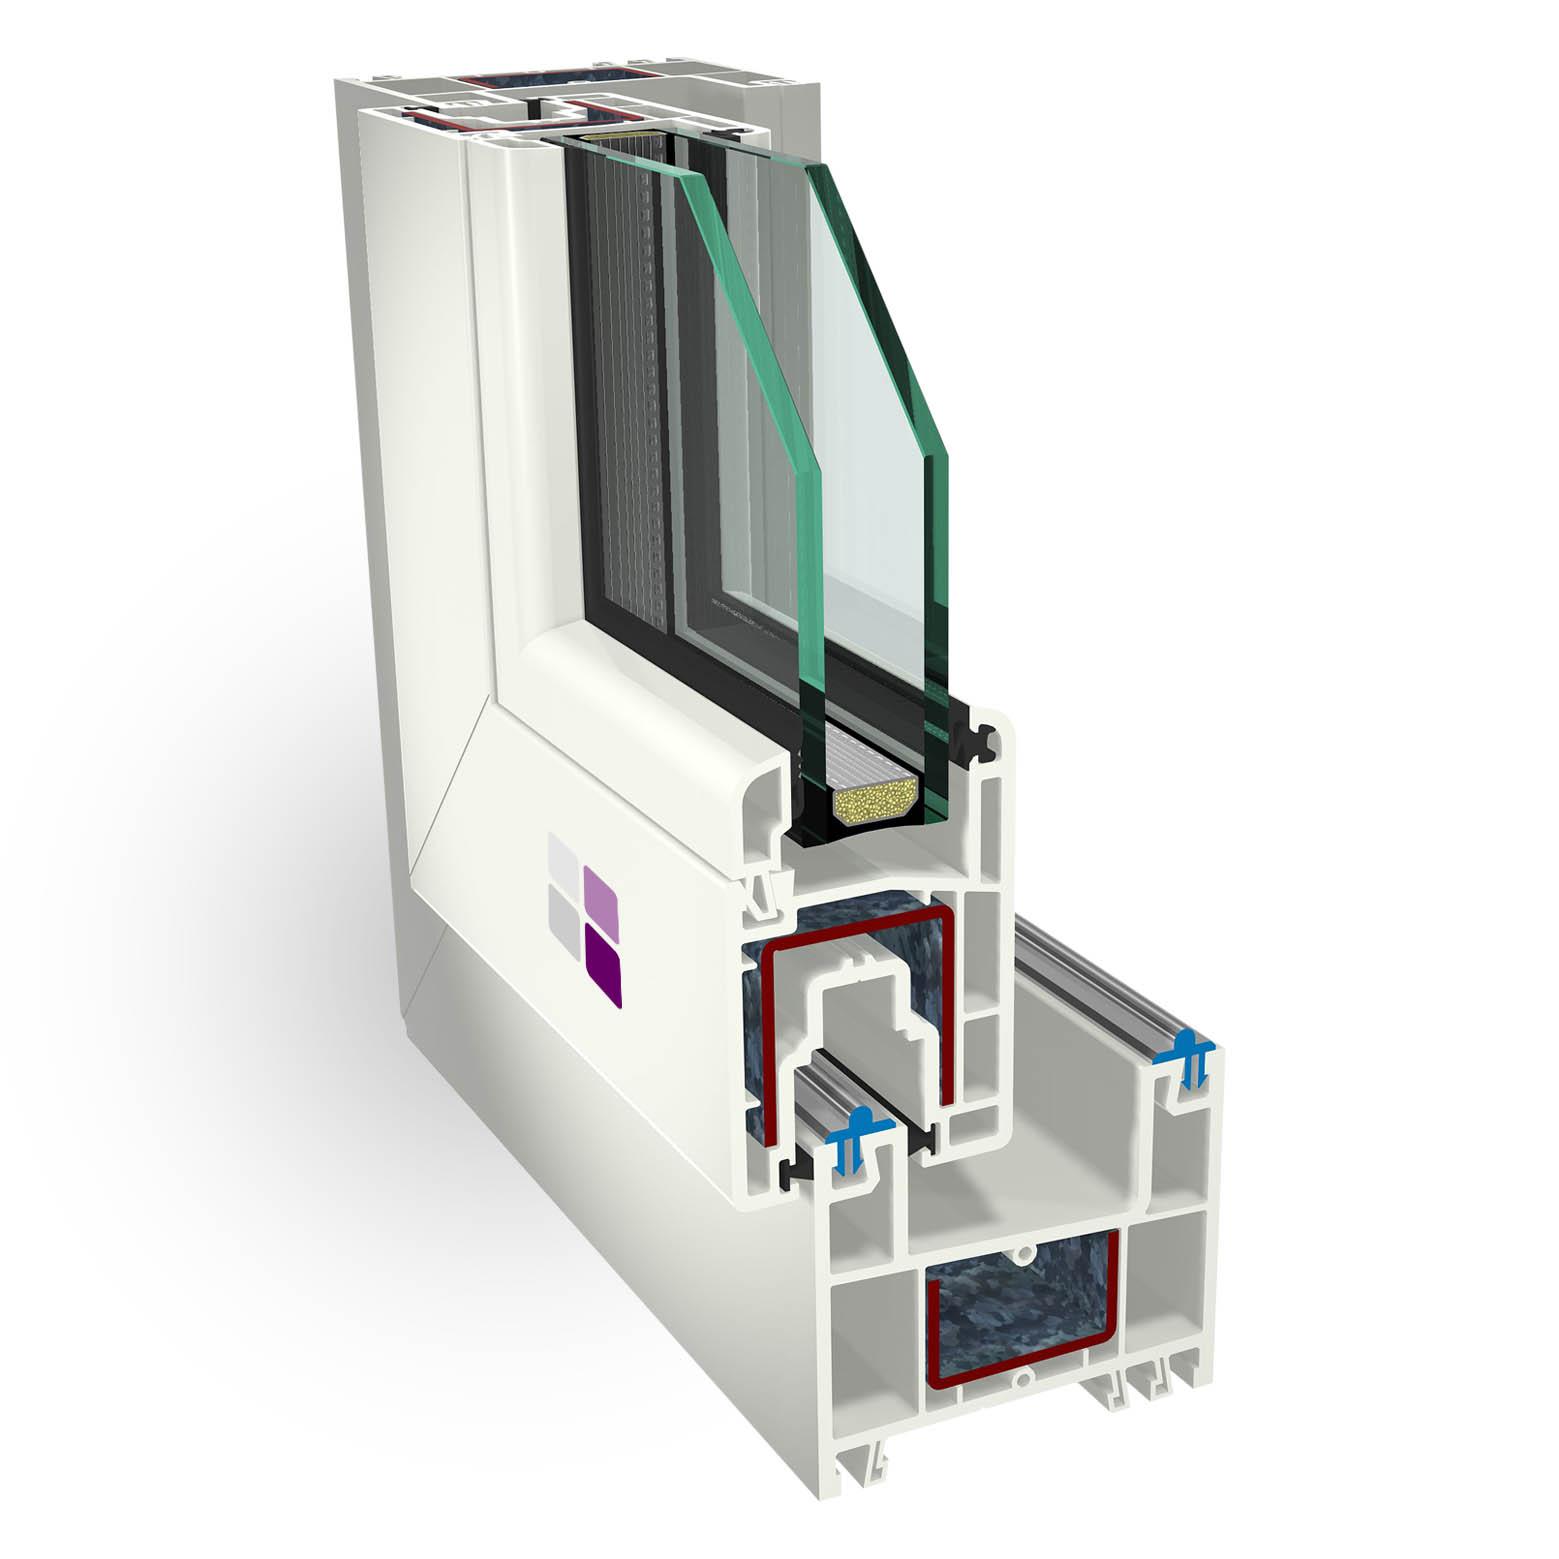 Sección 3D de los componentes de la ventana cálida pvc corredera.